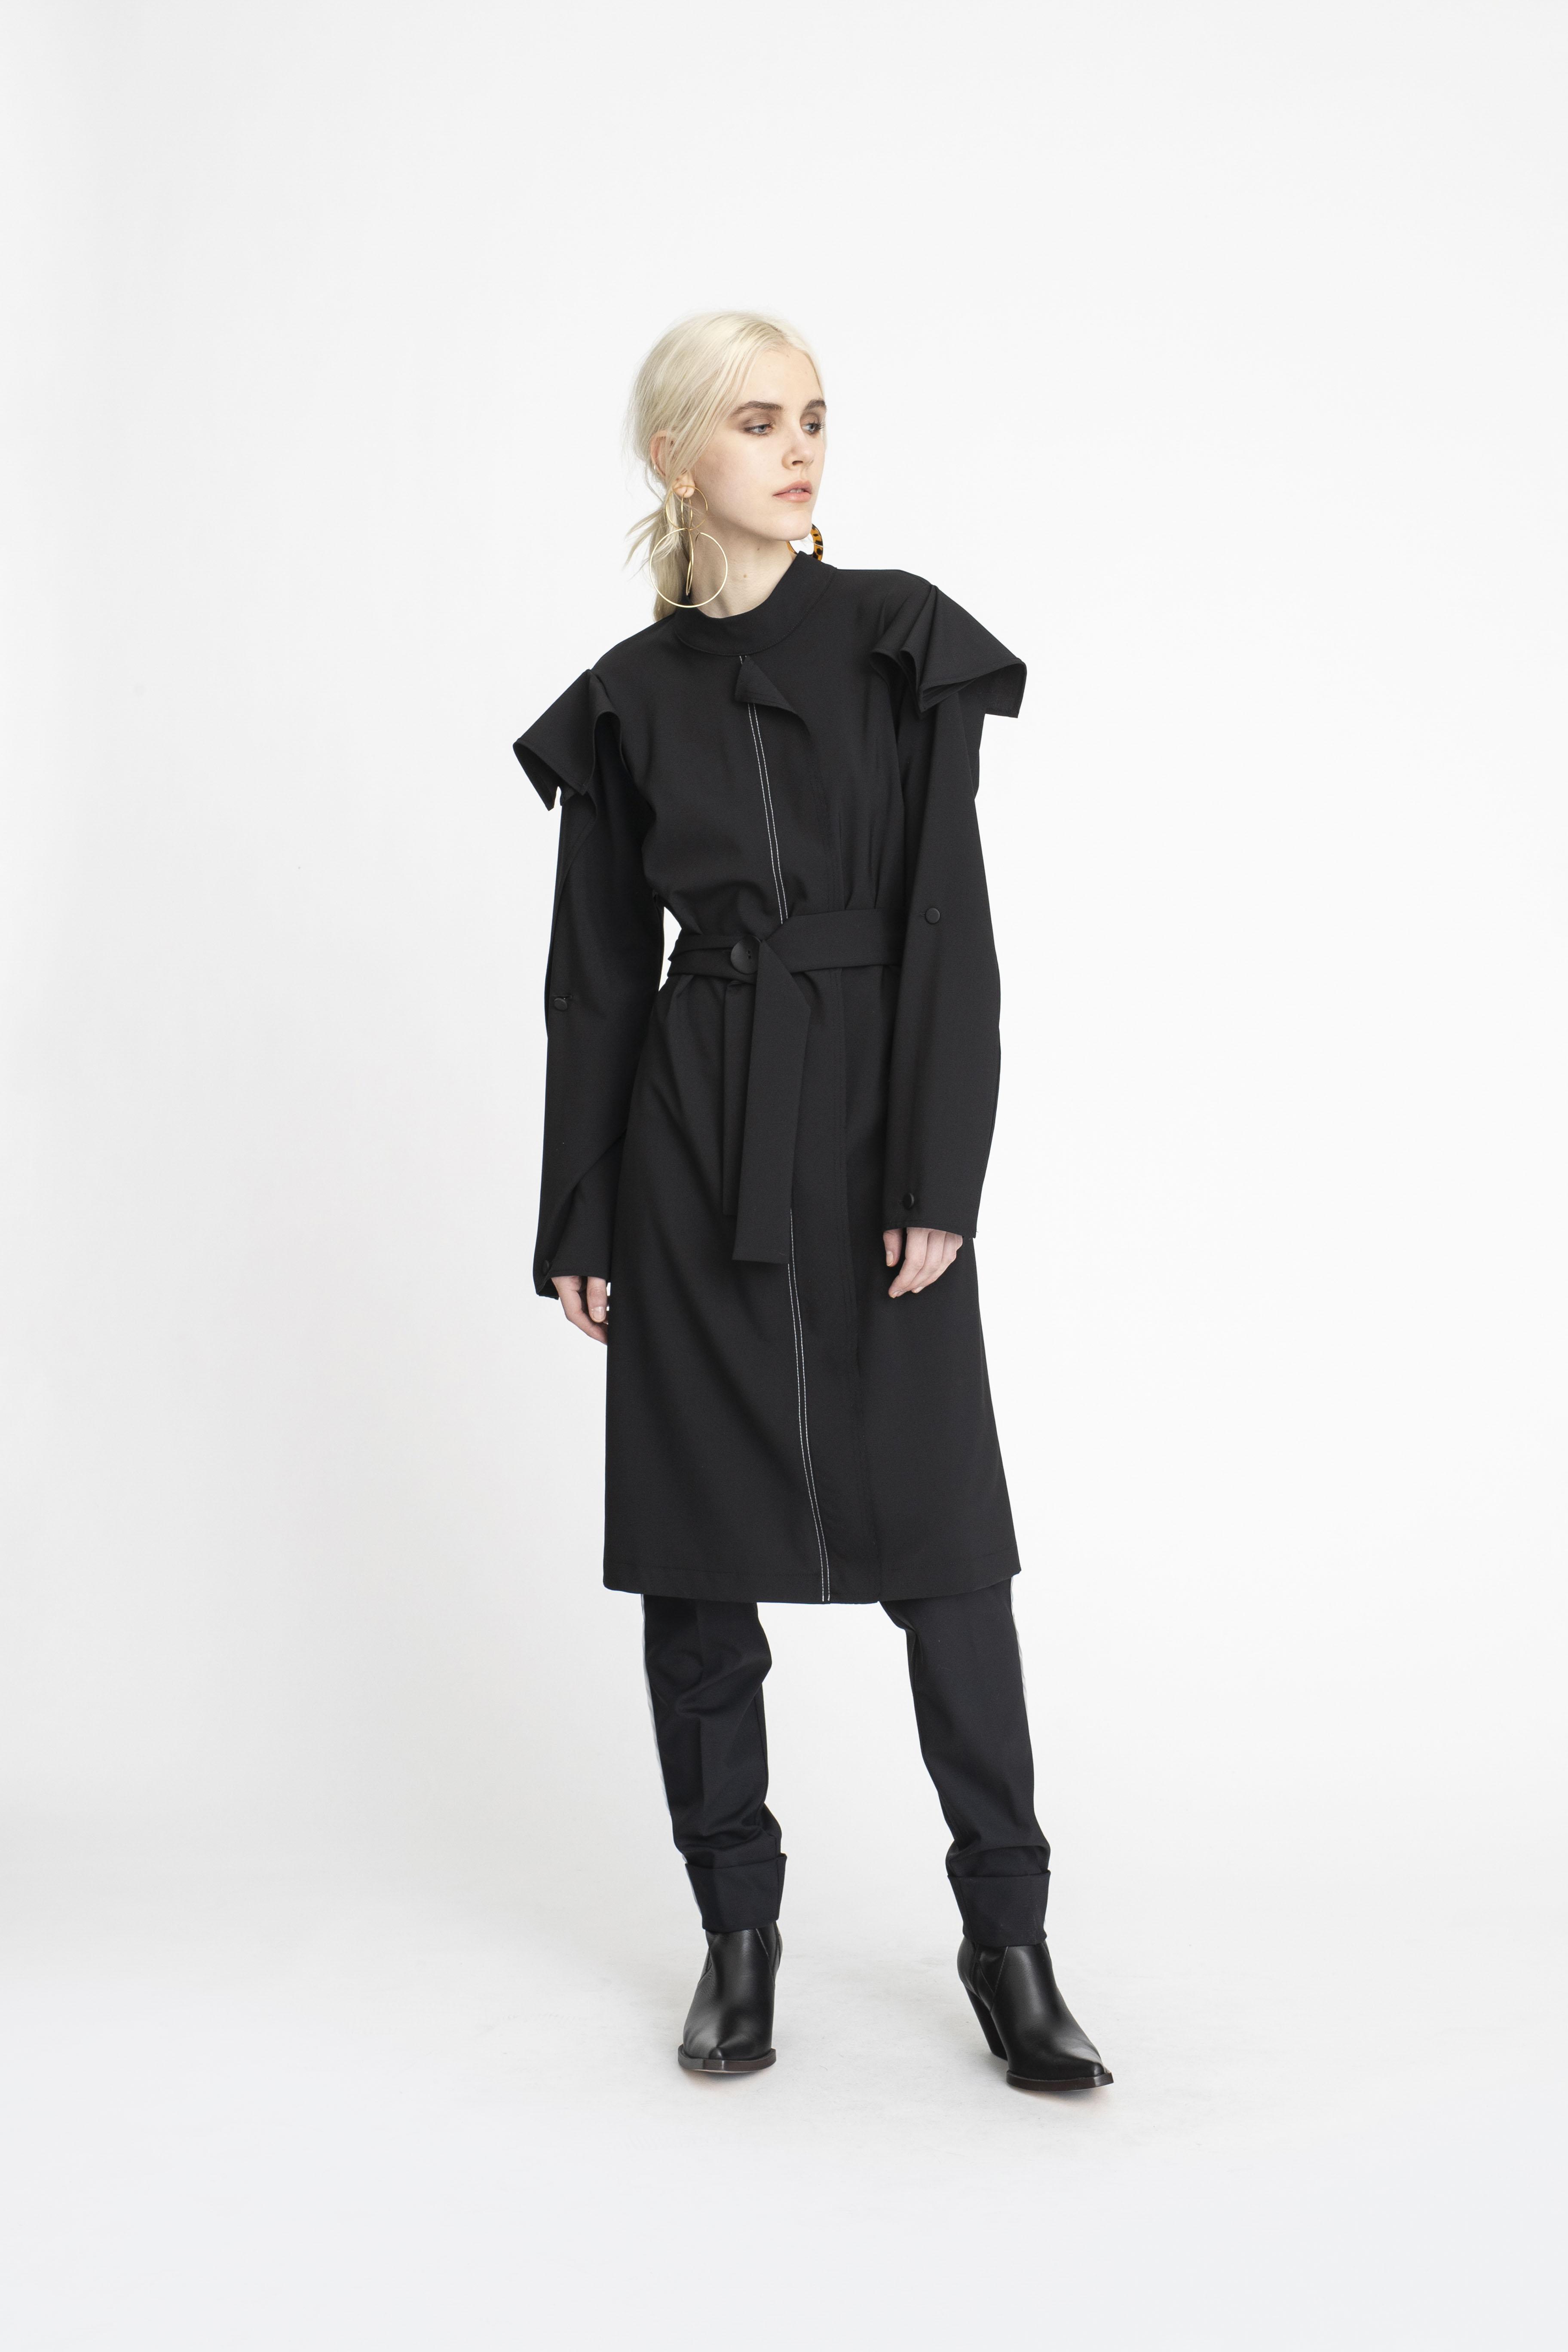 Distinction-Dress_Linear-Cogent-Pant_TaylorBoutique_AW19_L93_2116 2